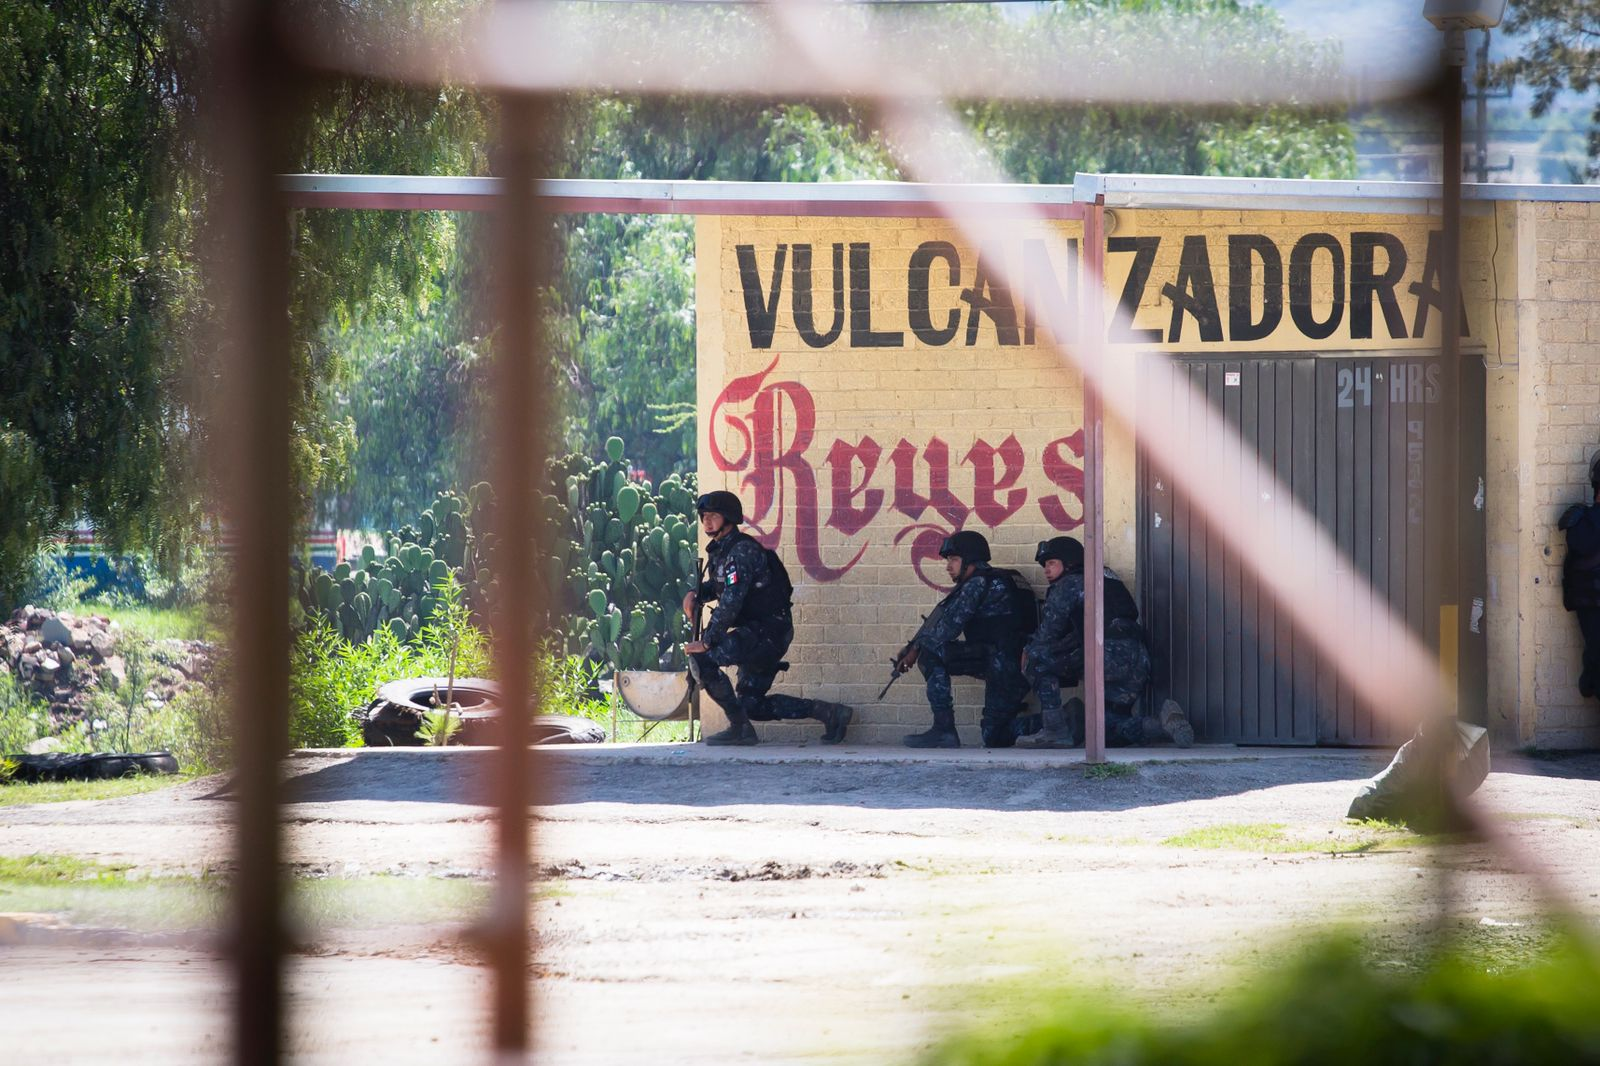 La 4T nombra Fiscal de Campeche a Renato Sales, exfuncionario de EPN vinculado a represión en Nochixtlán, Oaxaca